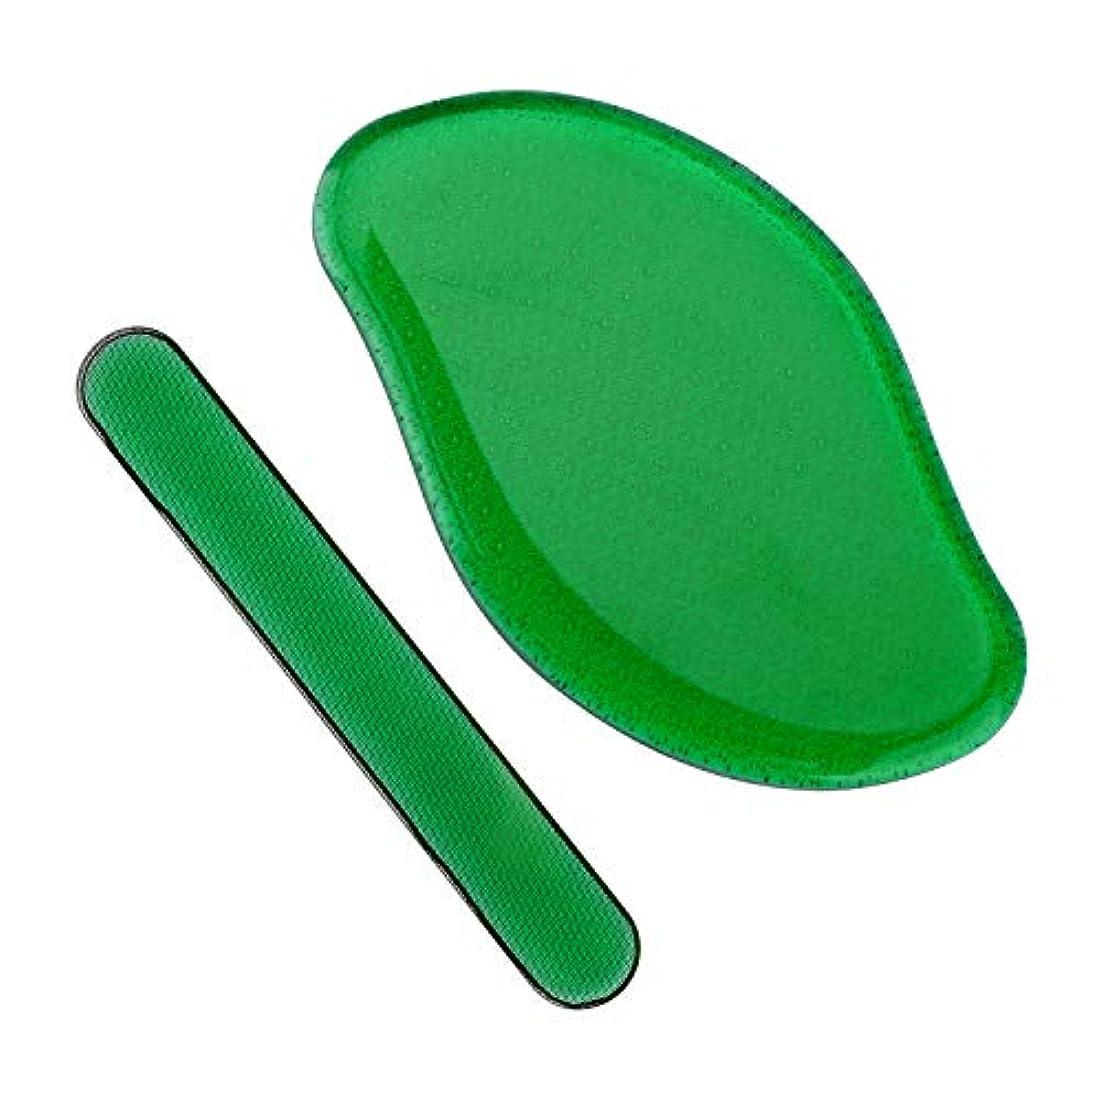 示す友だちやけどShinenail ガラス製 かかと 角質取り かかと削り ガラス 爪磨き付き かかとやすり かかと磨き 角質除去 足 角質ケア ヤスリ 足裏 踵 フットケア 丸洗いOK 爪磨き付き